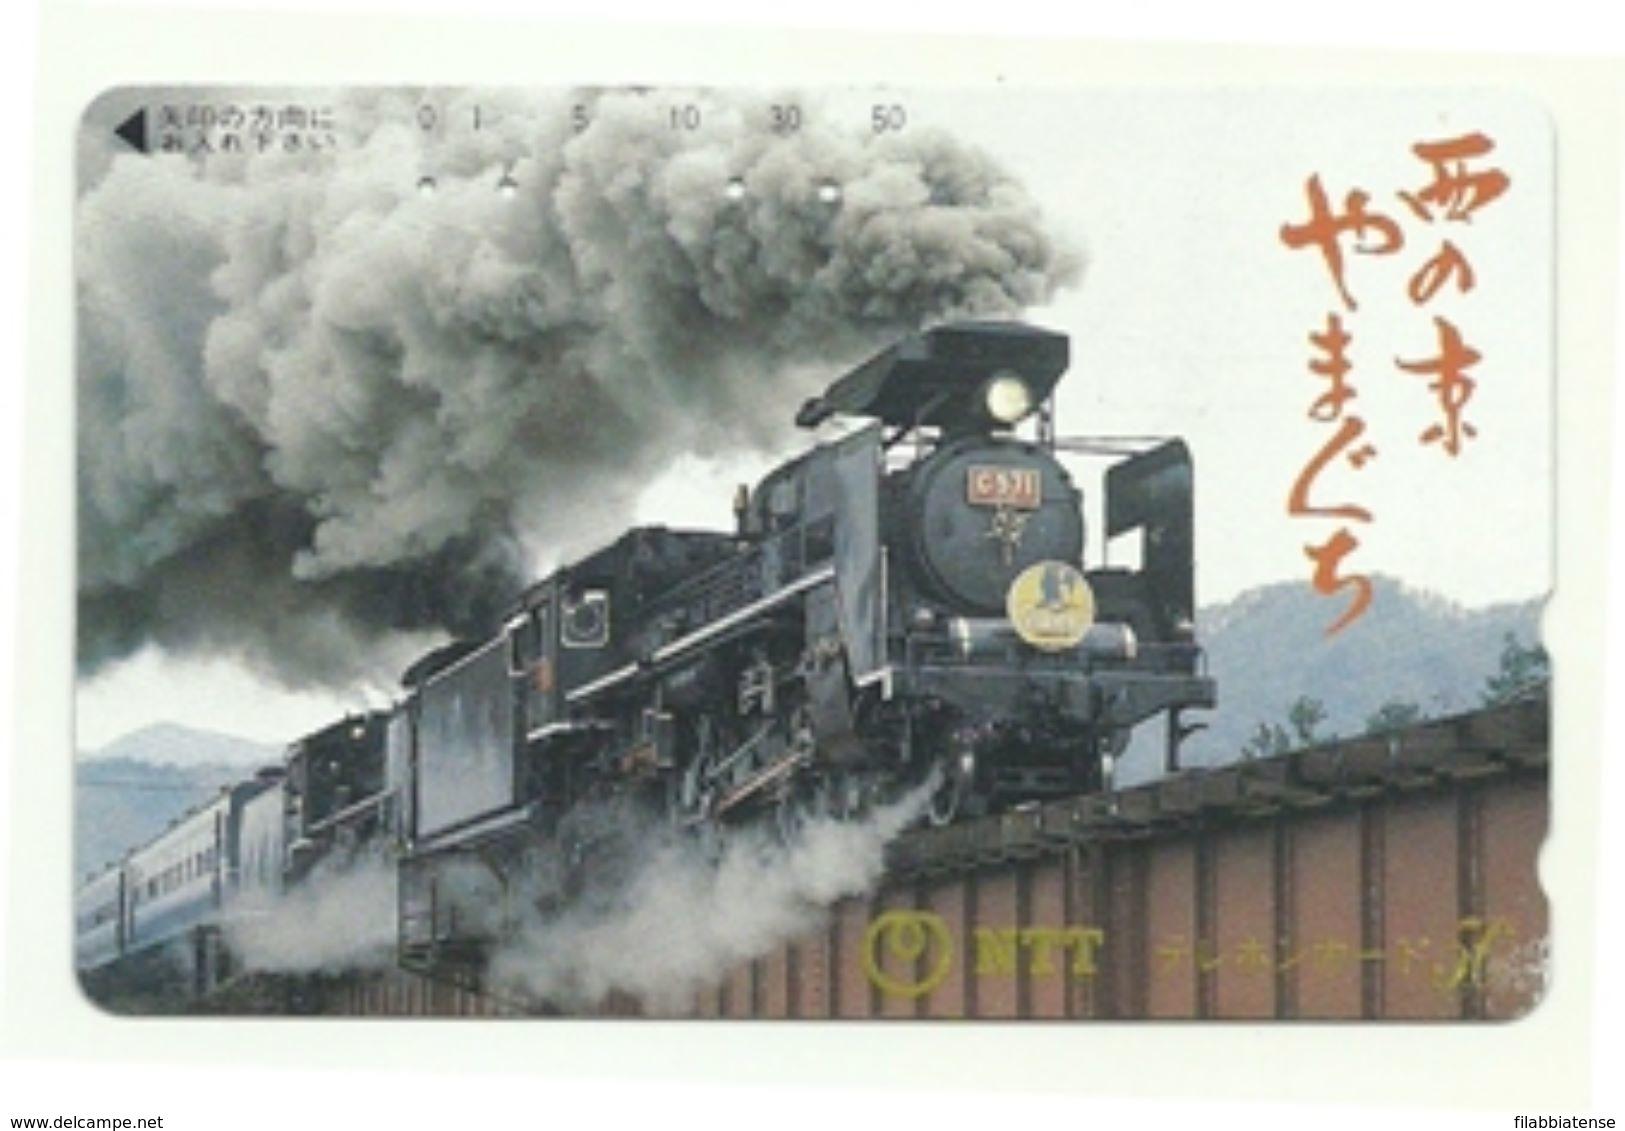 Giappone - Tessera Telefonica Da 50 Units T333 - NTT - Treni